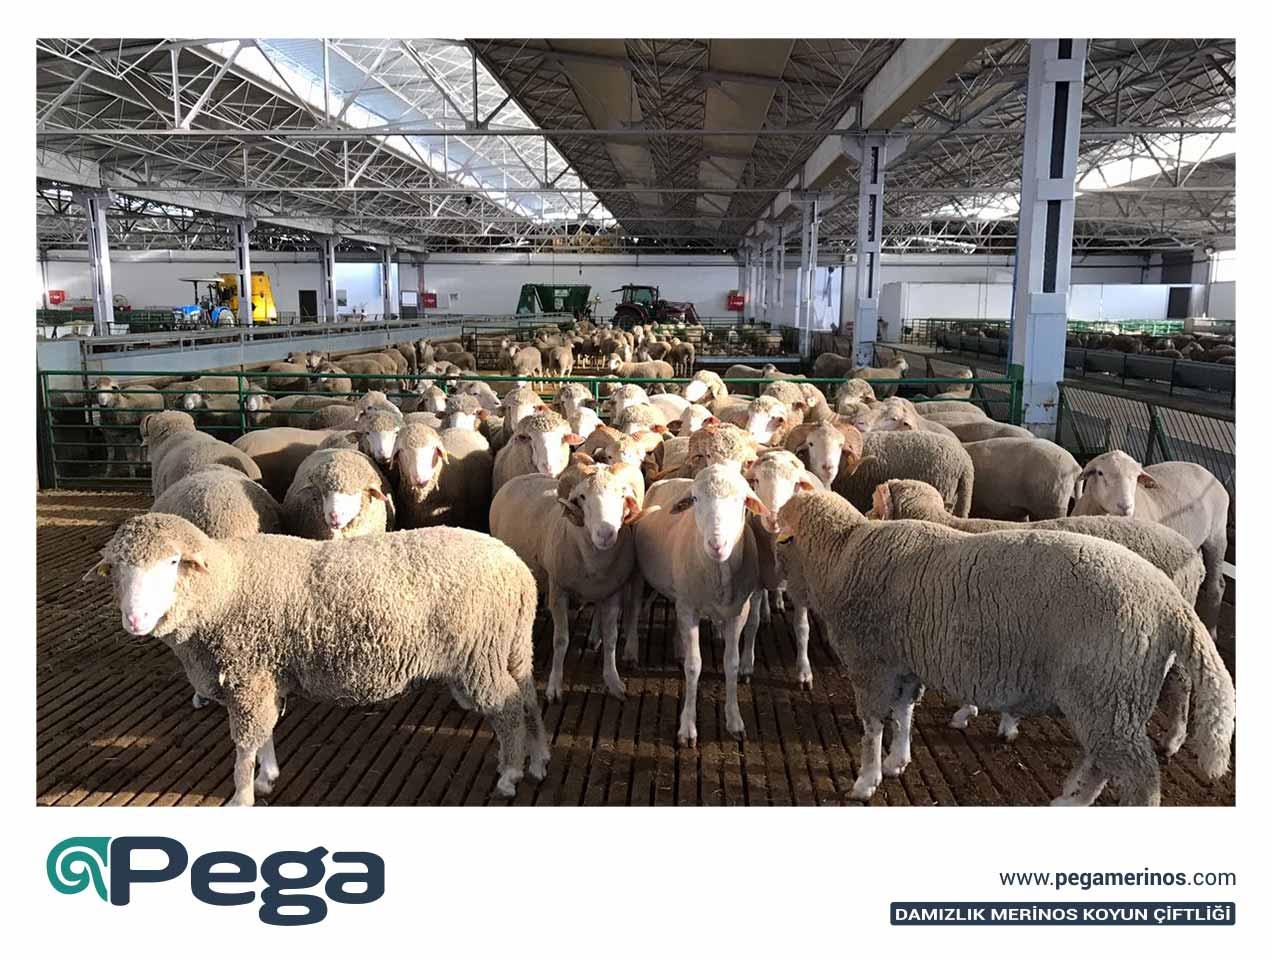 Pega01